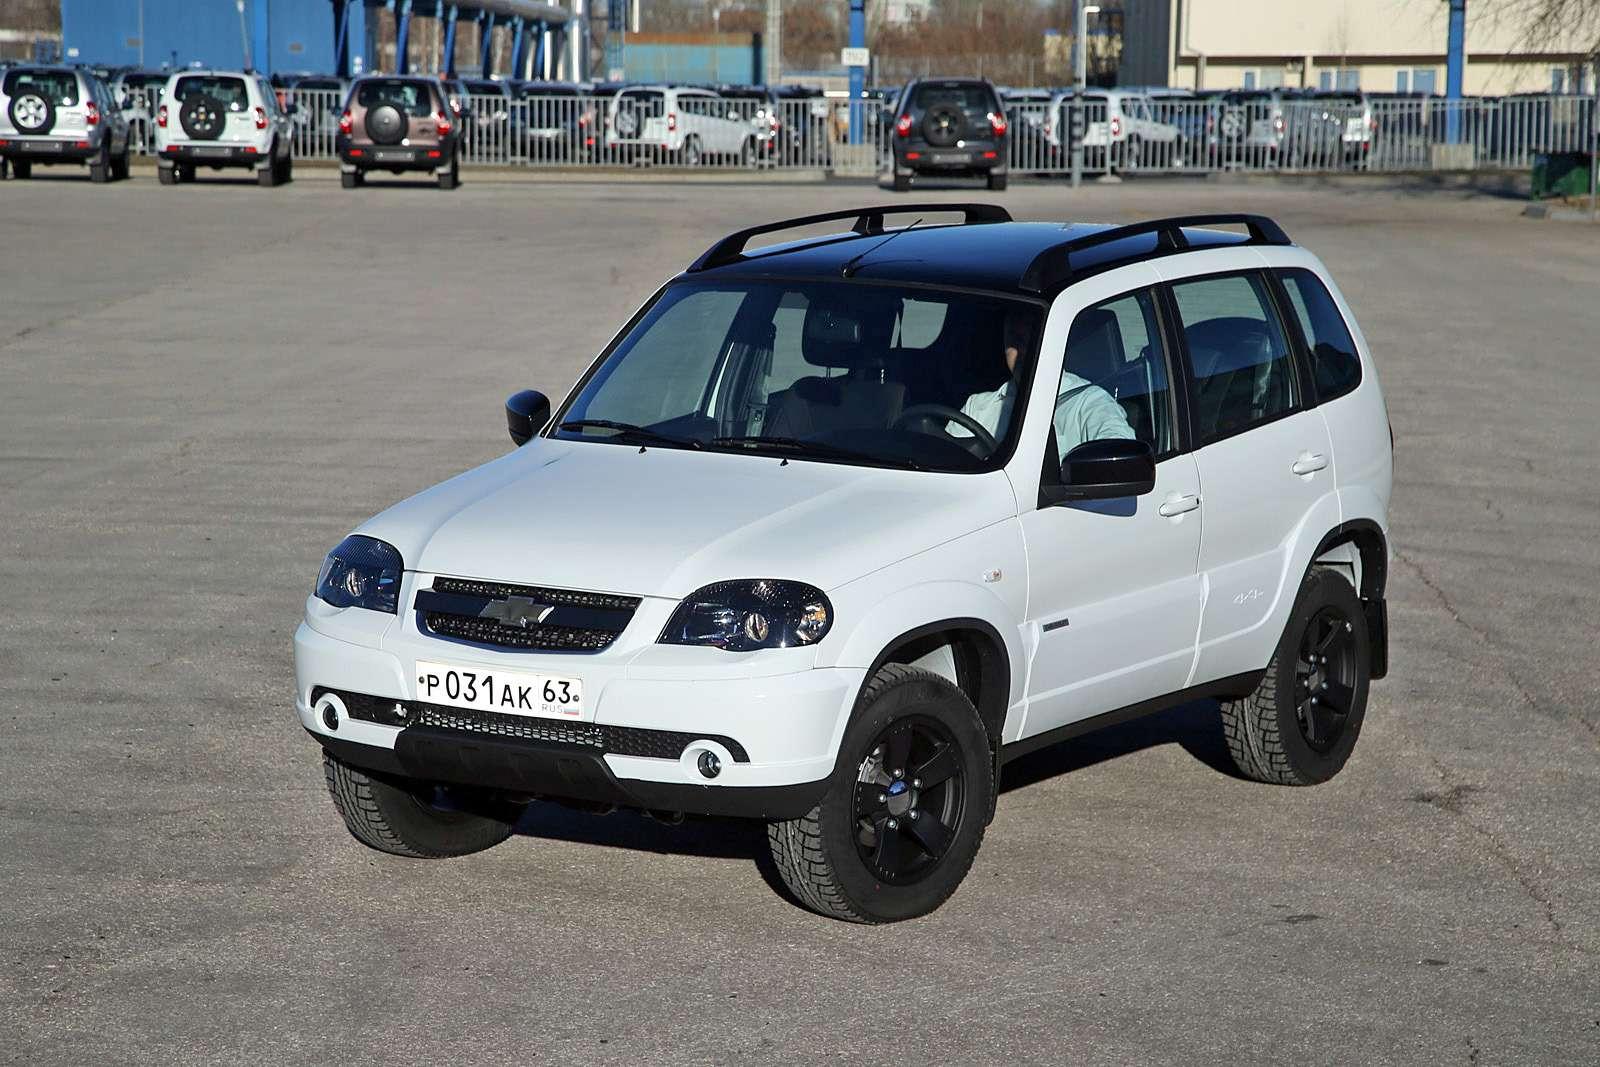 Черно-белая Chevrolet Niva спешит кдилерам (ОБНОВЛЕНО)— фото 668756